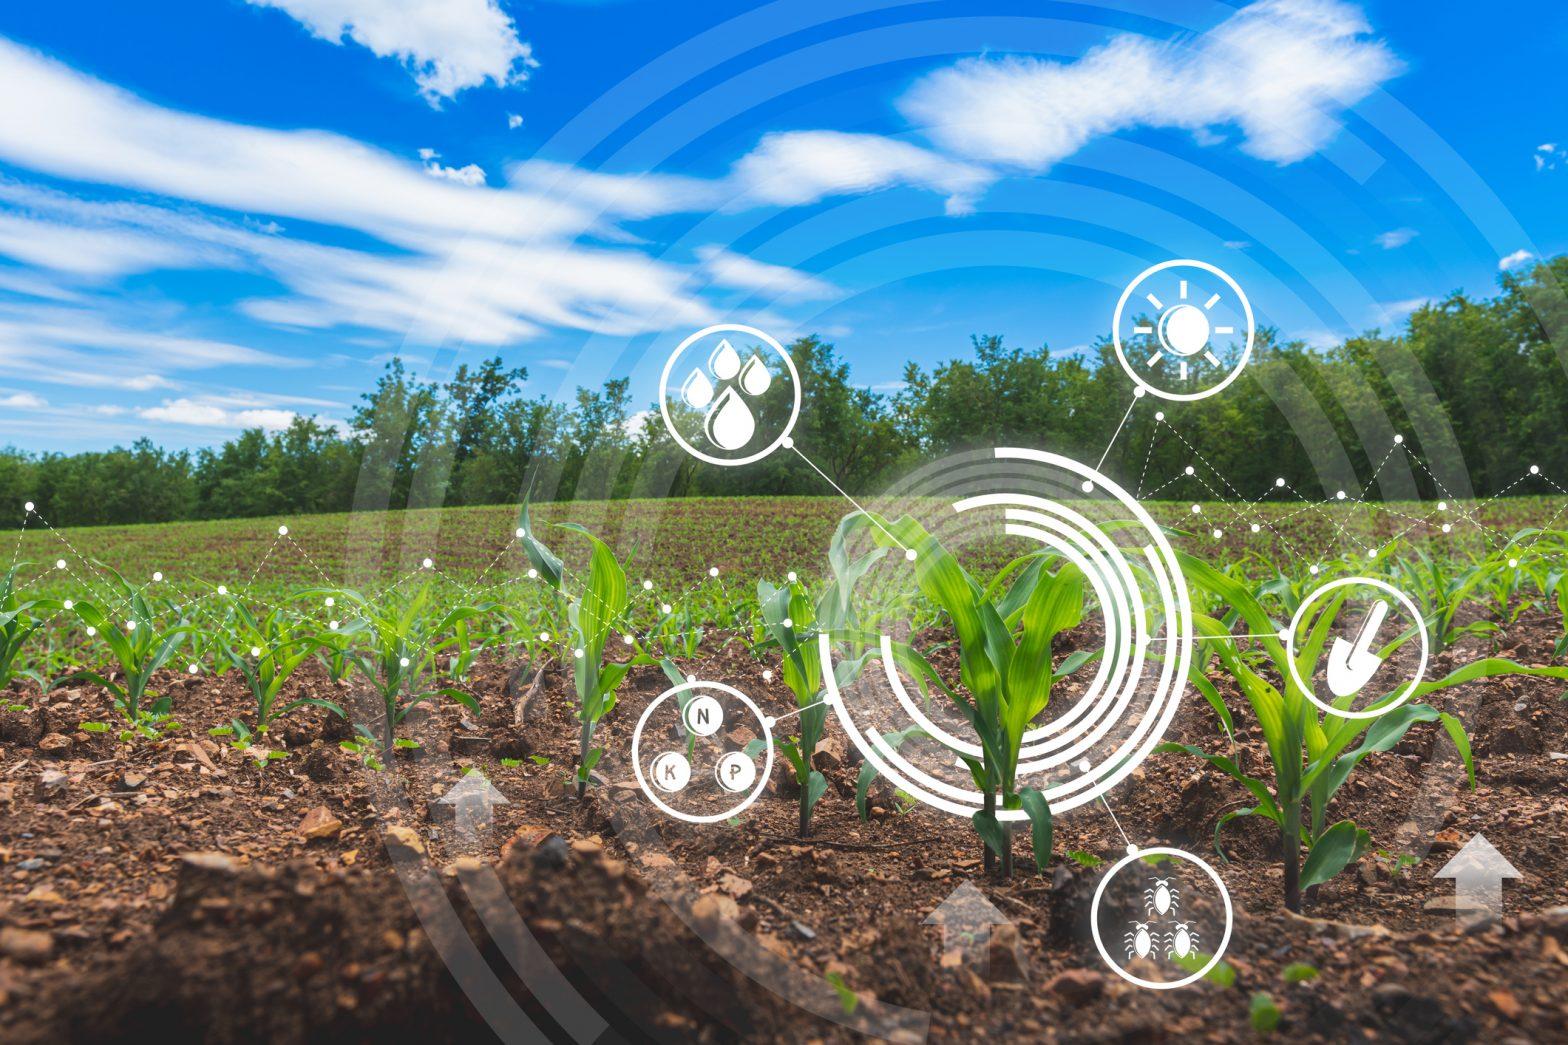 financialounge.com Il futuro dell'industria alimentare tra sfide e opportunità